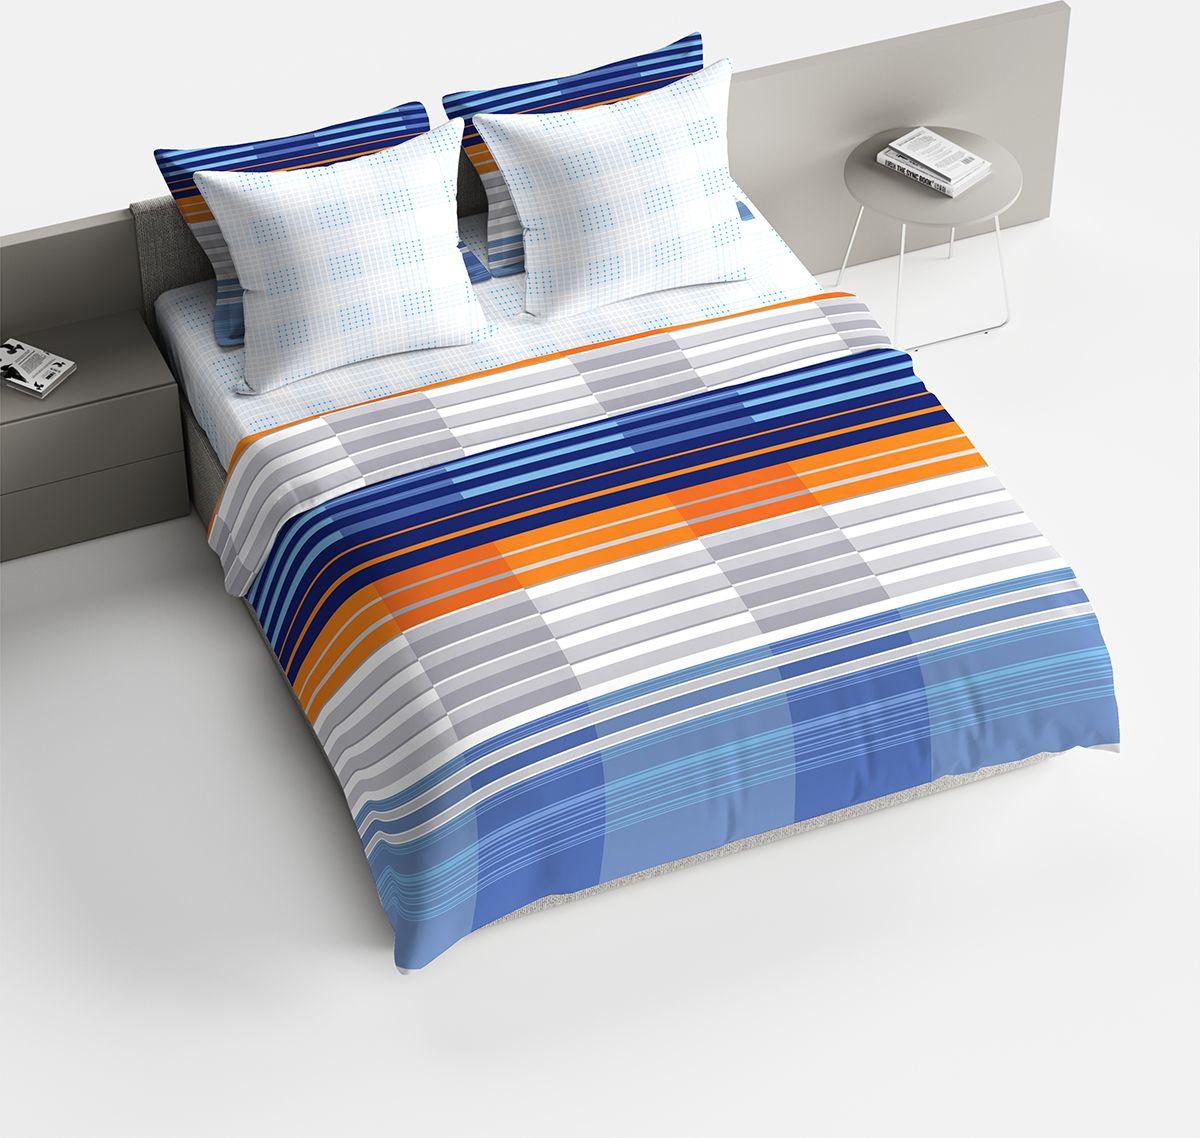 Комплект белья Браво Марино, евро, наволочки 70x70, цвет: синий01-1214-1Комплекты постельного белья из ткани LUX COTTON (высококачественный поплин), сотканной из длинноволокнистого египетского хлопка, созданы специально для людей с оригинальным вкусом, предпочитающим современные решения в интерьере. Обновленная стильная упаковка делает этот комплект отличным подарком. • Равноплотная ткань из 100% хлопка;• Обработана по технологии мерсеризации и санфоризации;• Мягкая и нежная на ощупь;• Устойчива к трению;• Обладает высокими показателями гигроскопичности (впитывает влагу);• Выдерживает частые стирки, сохраняя первоначальные цвет, форму и размеры;• Безопасные красители ведущего немецкого производителя BEZEMA